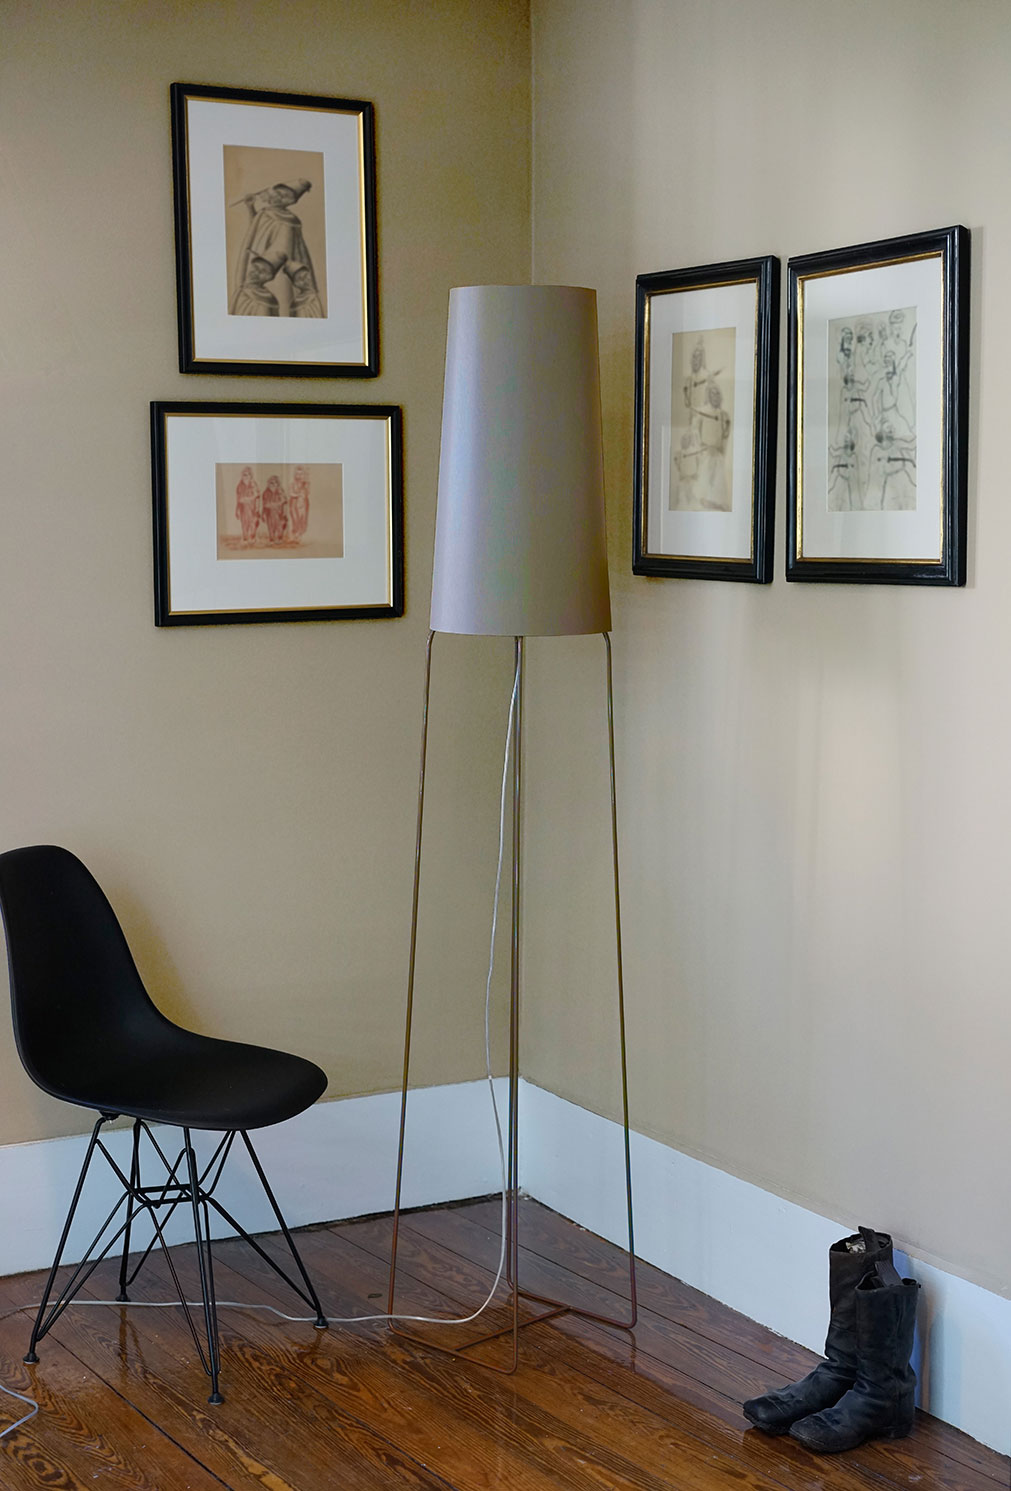 fraumaier slimsophie licht freude. Black Bedroom Furniture Sets. Home Design Ideas